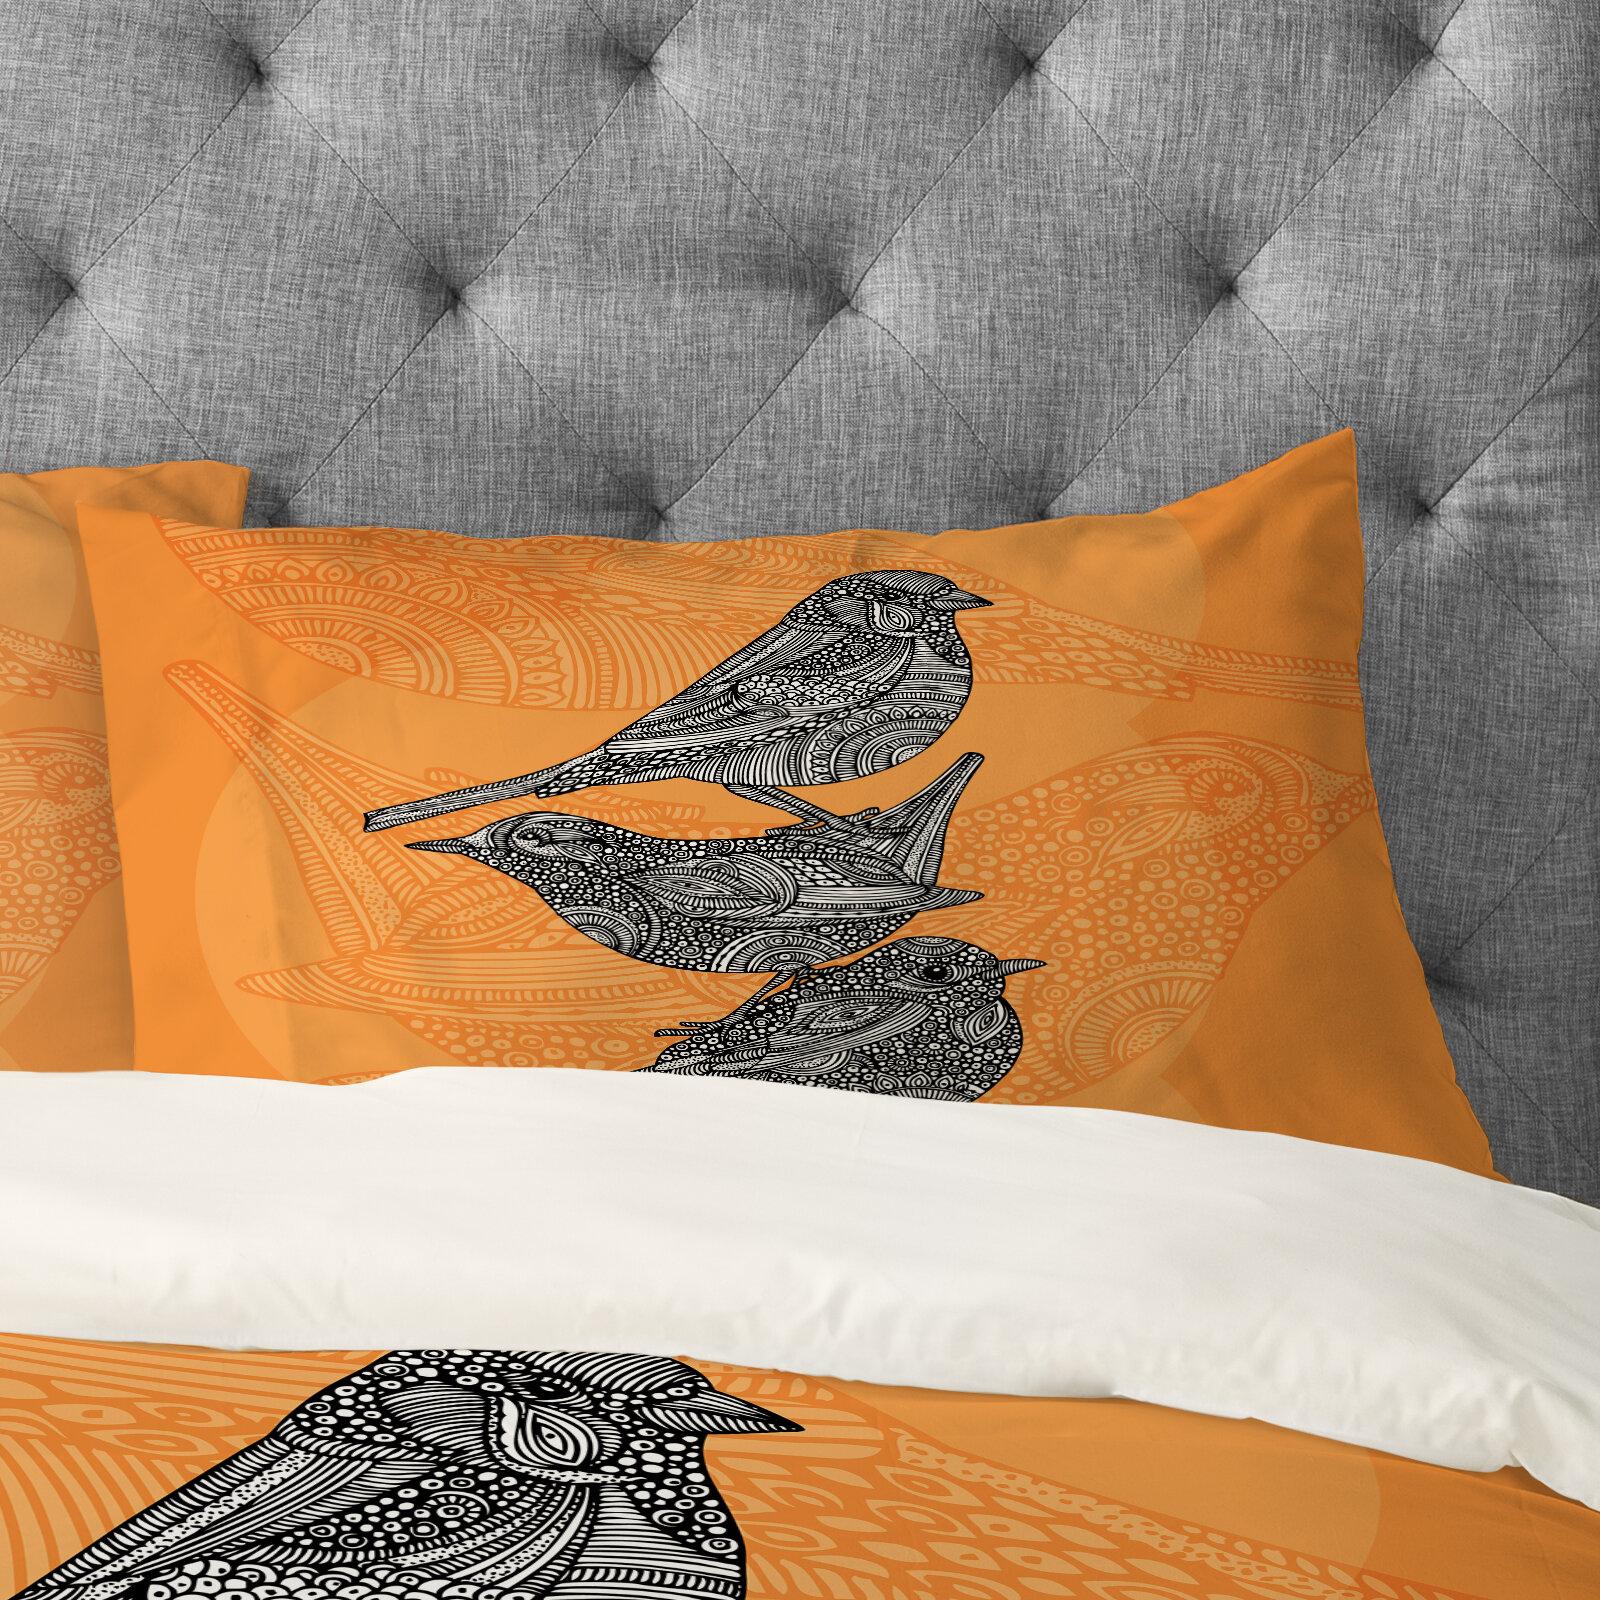 East Urban Home 3 Little Birds Pillowcase Wayfair